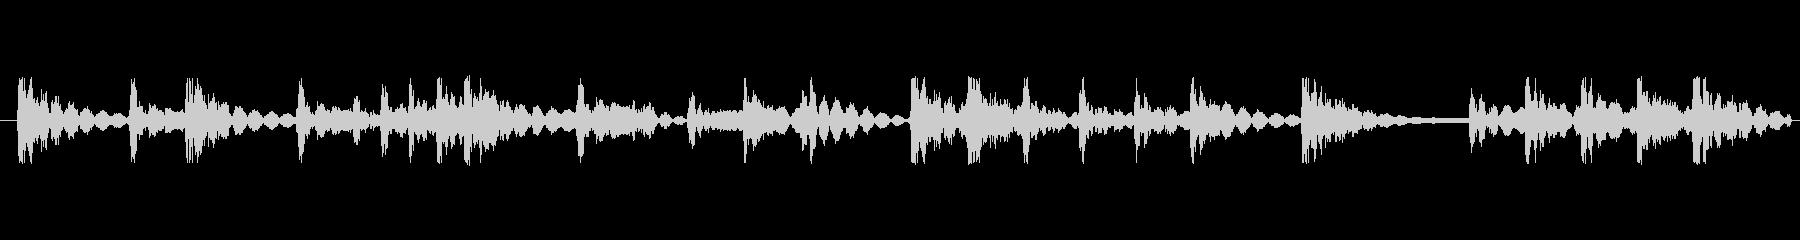 和太鼓リズムのみ音源のリバーブなし音源…の未再生の波形